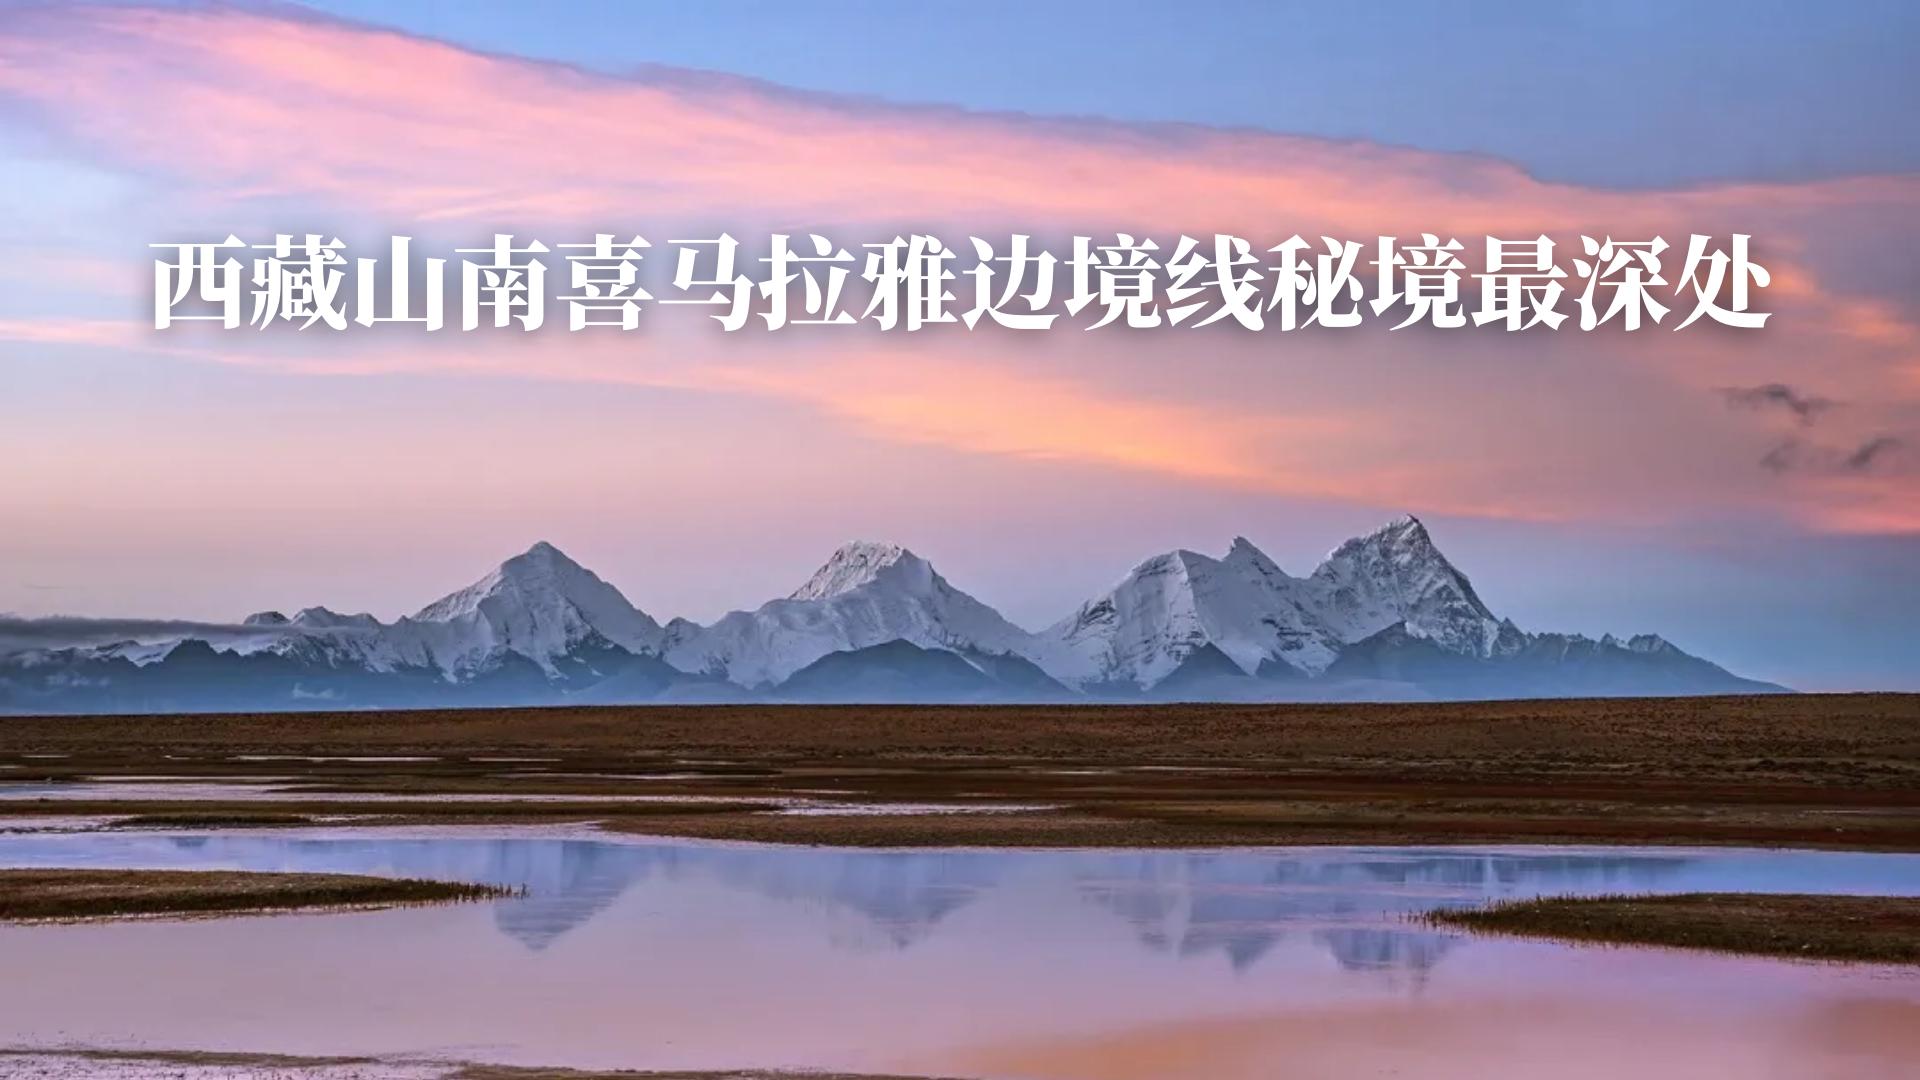 西藏山南喜马拉雅边境线秘境最深处